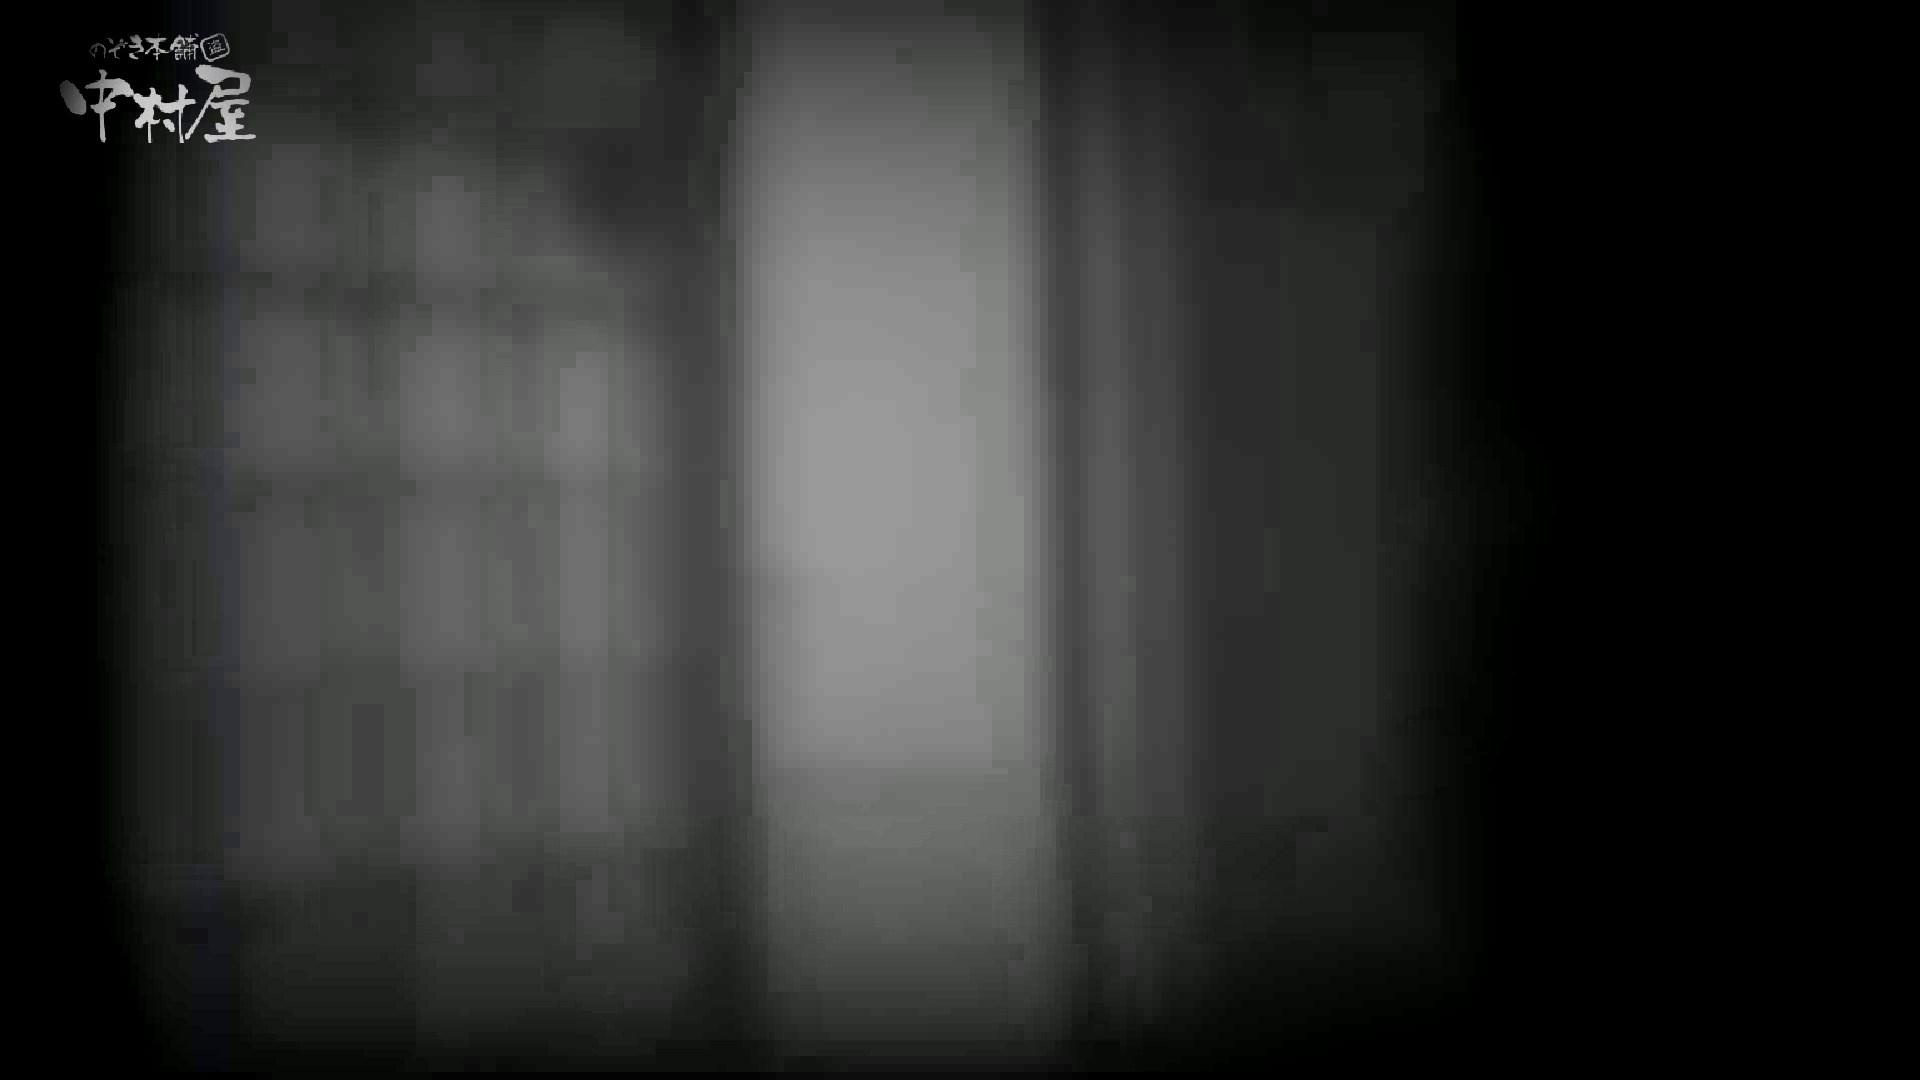 洗面所突入レポート!!vol.1 トイレの中まで | 排泄特集 盗撮 10枚 1